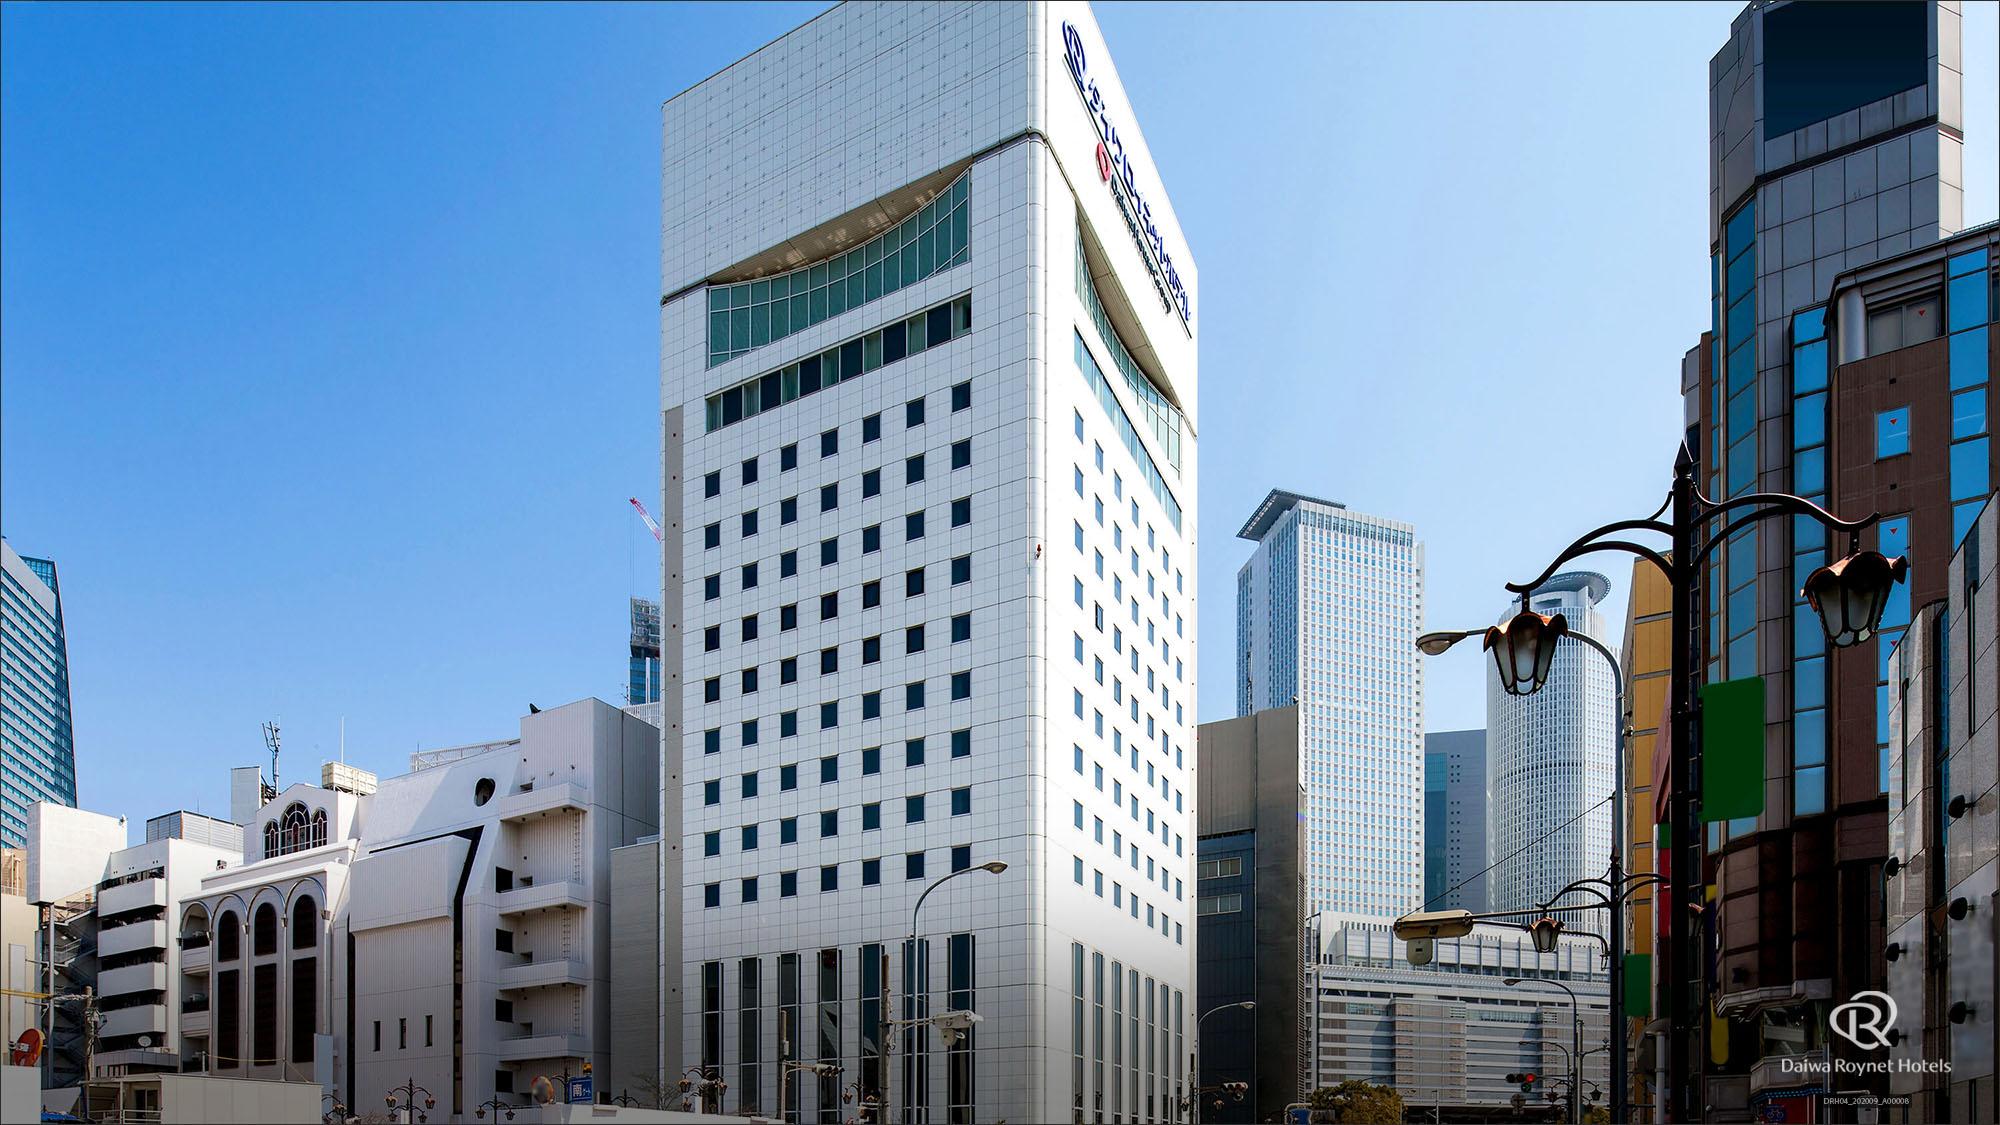 ダイワロイネットホテル名古屋新幹線口 image